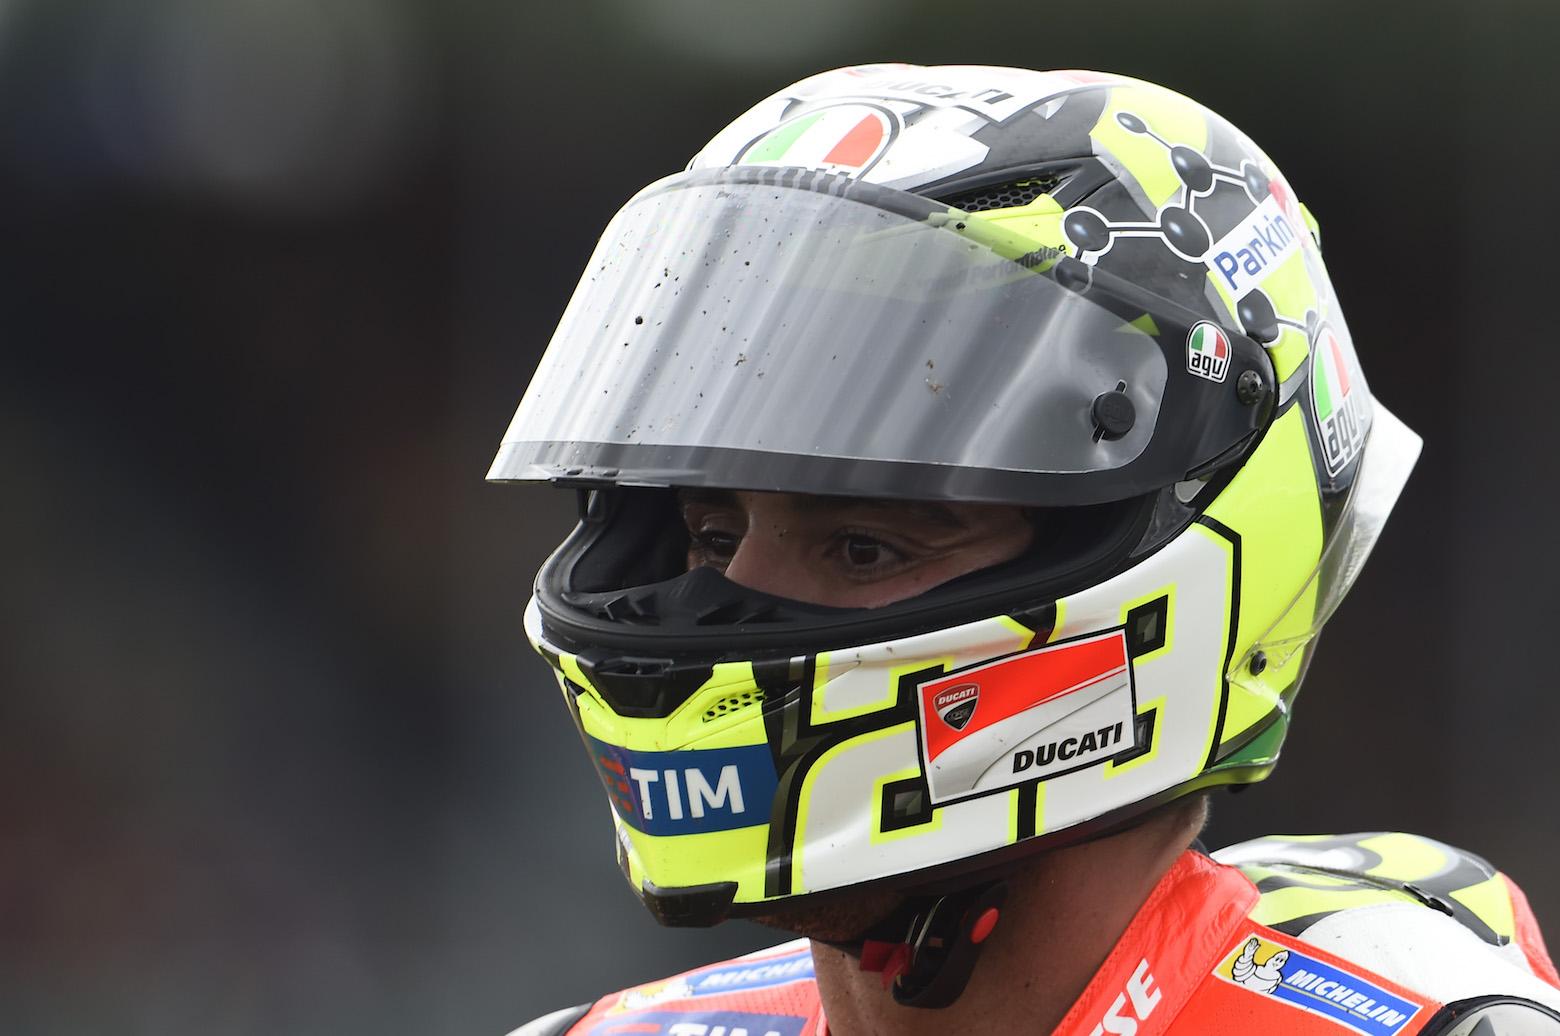 Andrea Iannone se probará mañana en la FP3 para determinar si puede correr